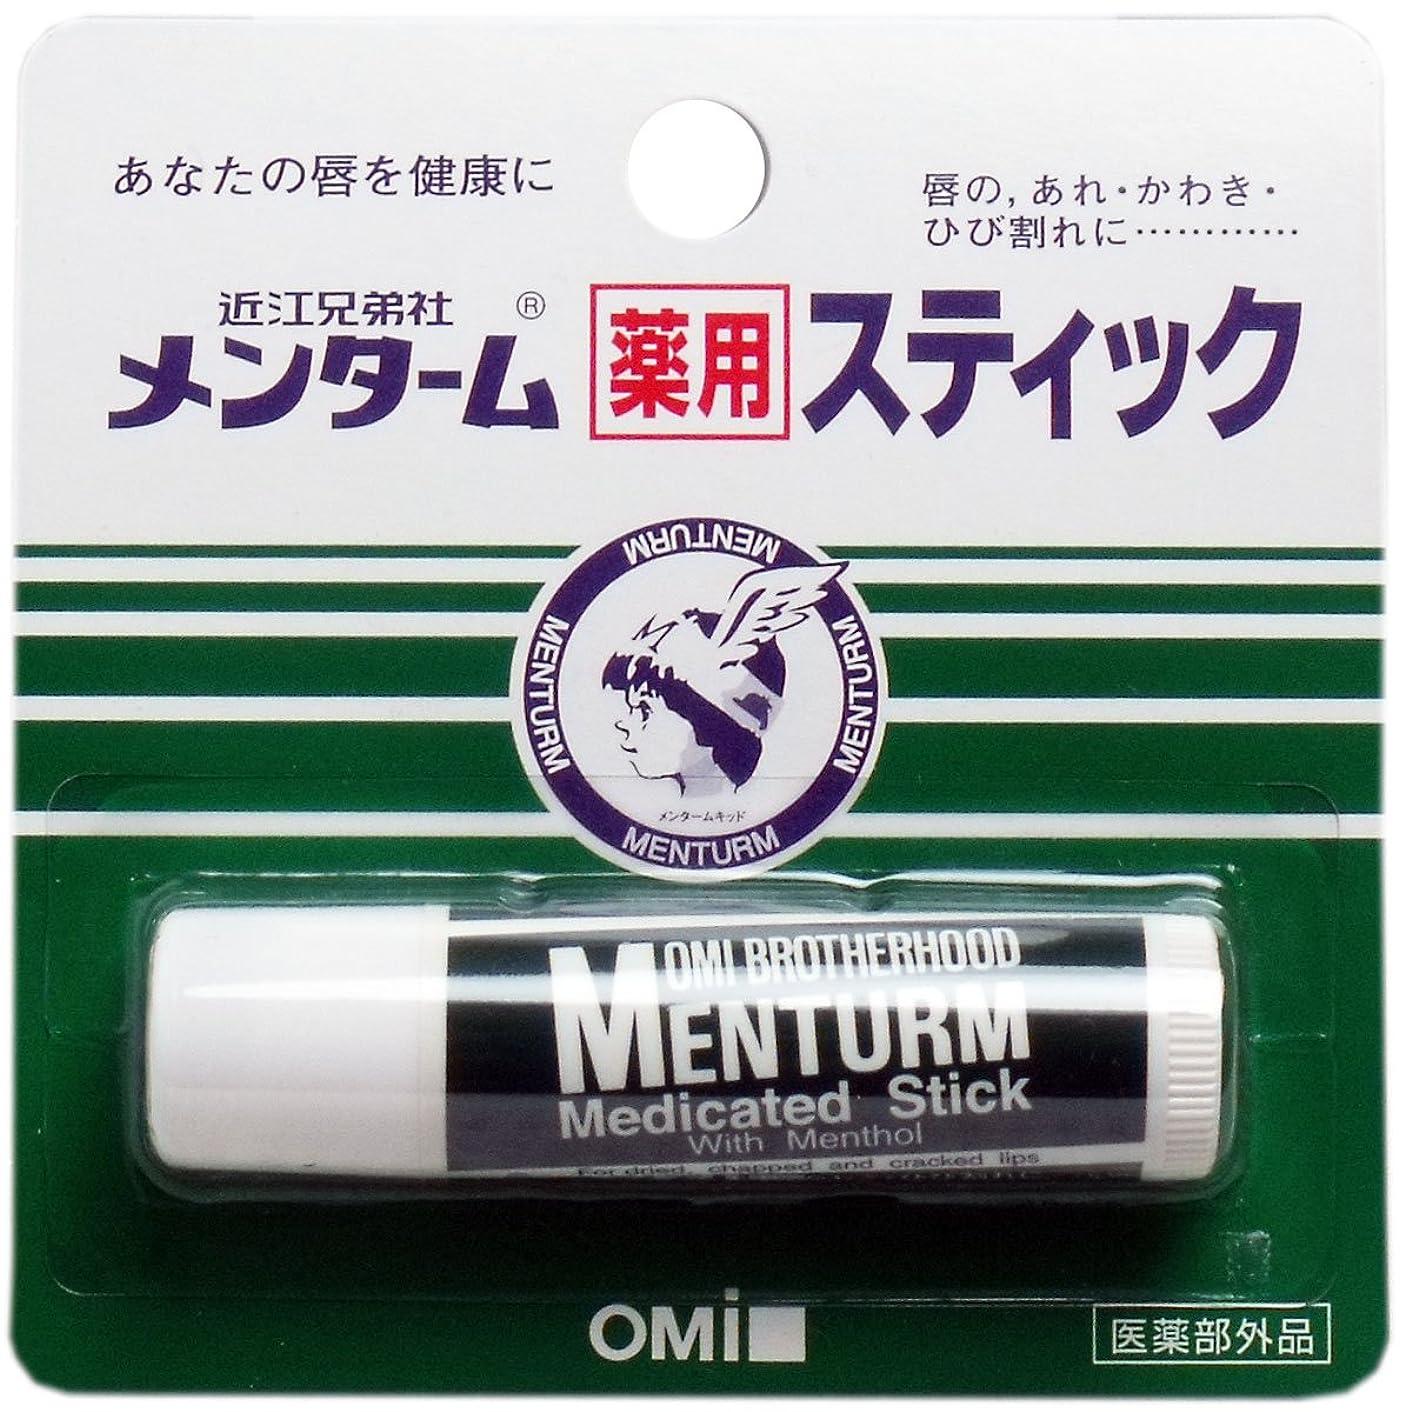 終了する免除半径【近江兄弟社】メンターム薬用スティック 4g ×5個セット